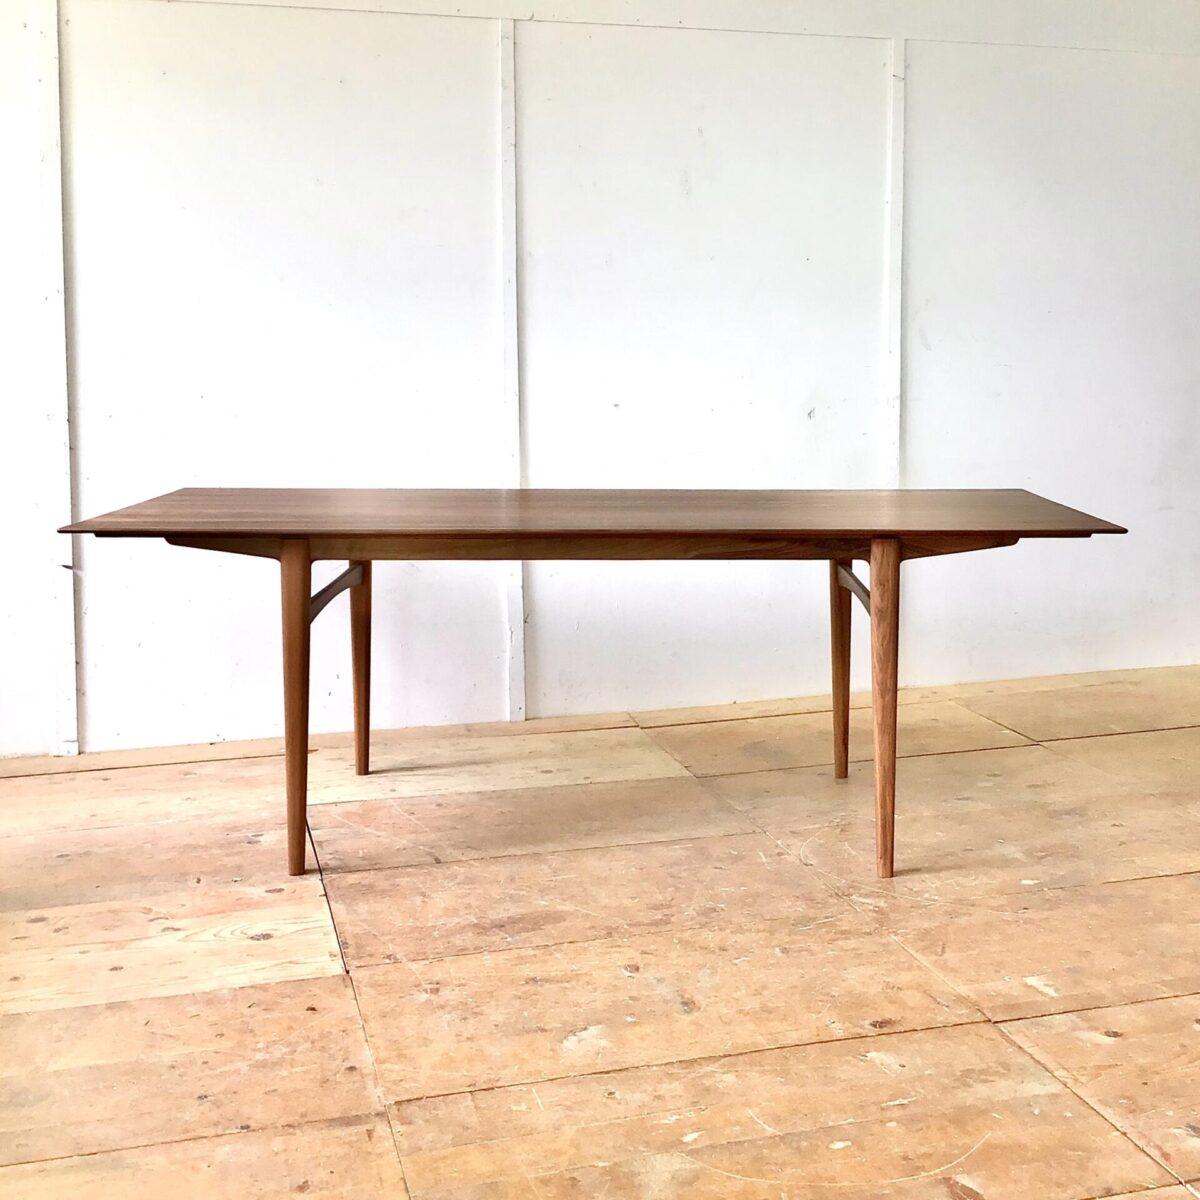 Nussbaumtisch 220 x 87 Höhe 74cm. Dieser Esstisch wurde von uns entworfen und produziert. Durch die von unten verjüngten Tischkanten, wirkt der Tisch sehr fein und leicht. Ist jedoch ein 30mm dickes Vollholz. Tischgestell, minimale Runde, leicht ineinander fliessende Formen.